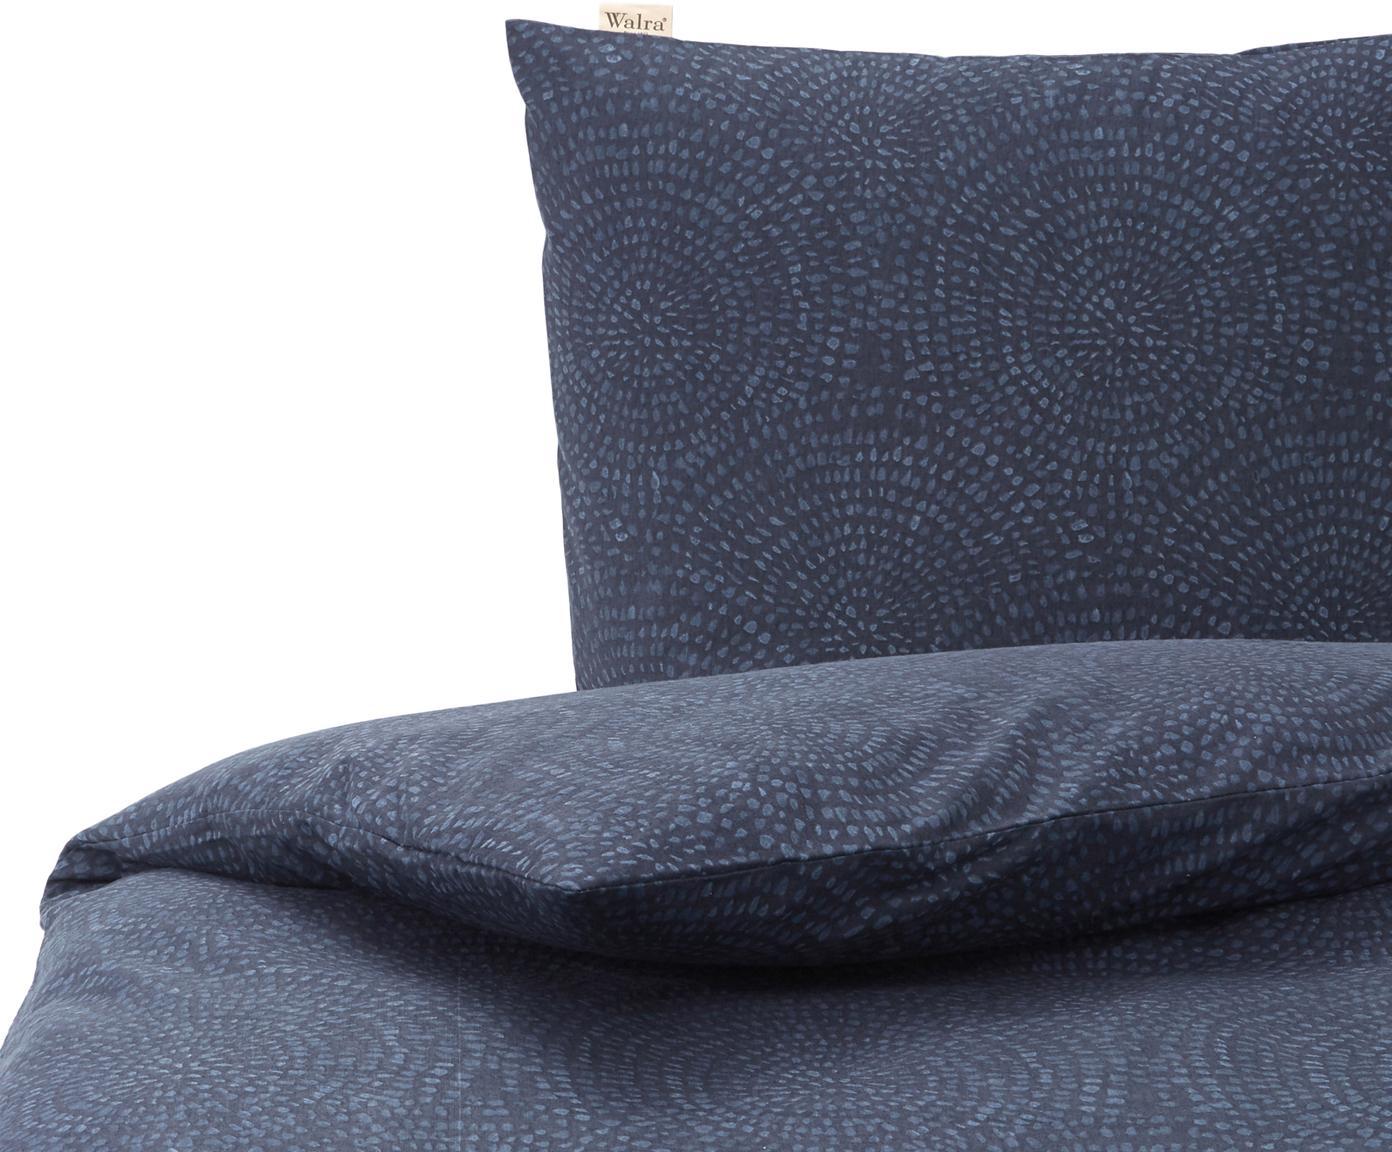 Flanellen dekbedovertrek Winter Curves, Weeftechniek: flanel, Donkerblauw, blauw, 140 x 220 cm